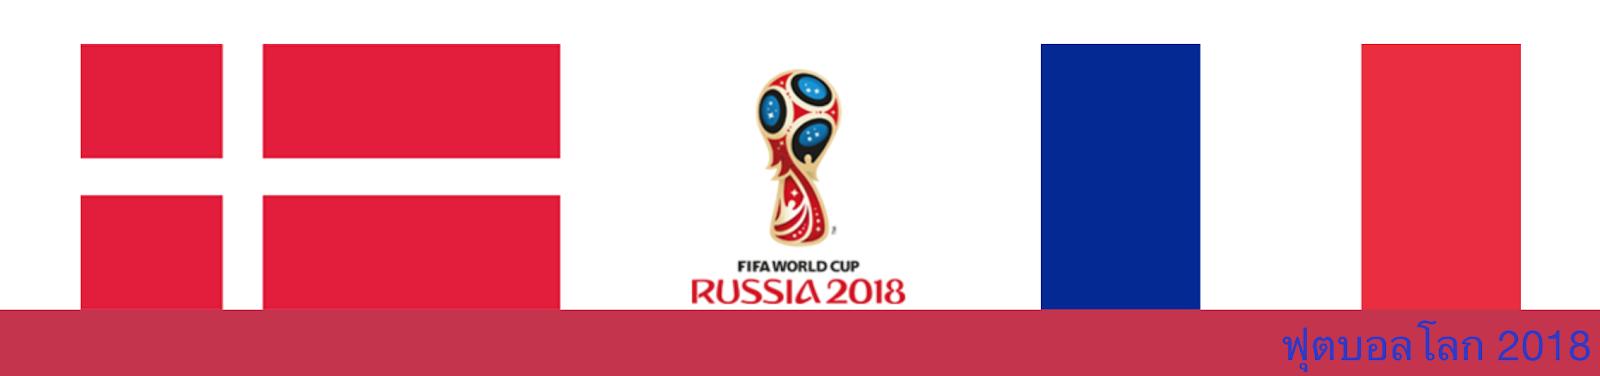 ดูบอล วิเคราะห์บอล ฟุตบอลโลก ระหว่าง เดนมาร์ก vs ฝรั่งเศส